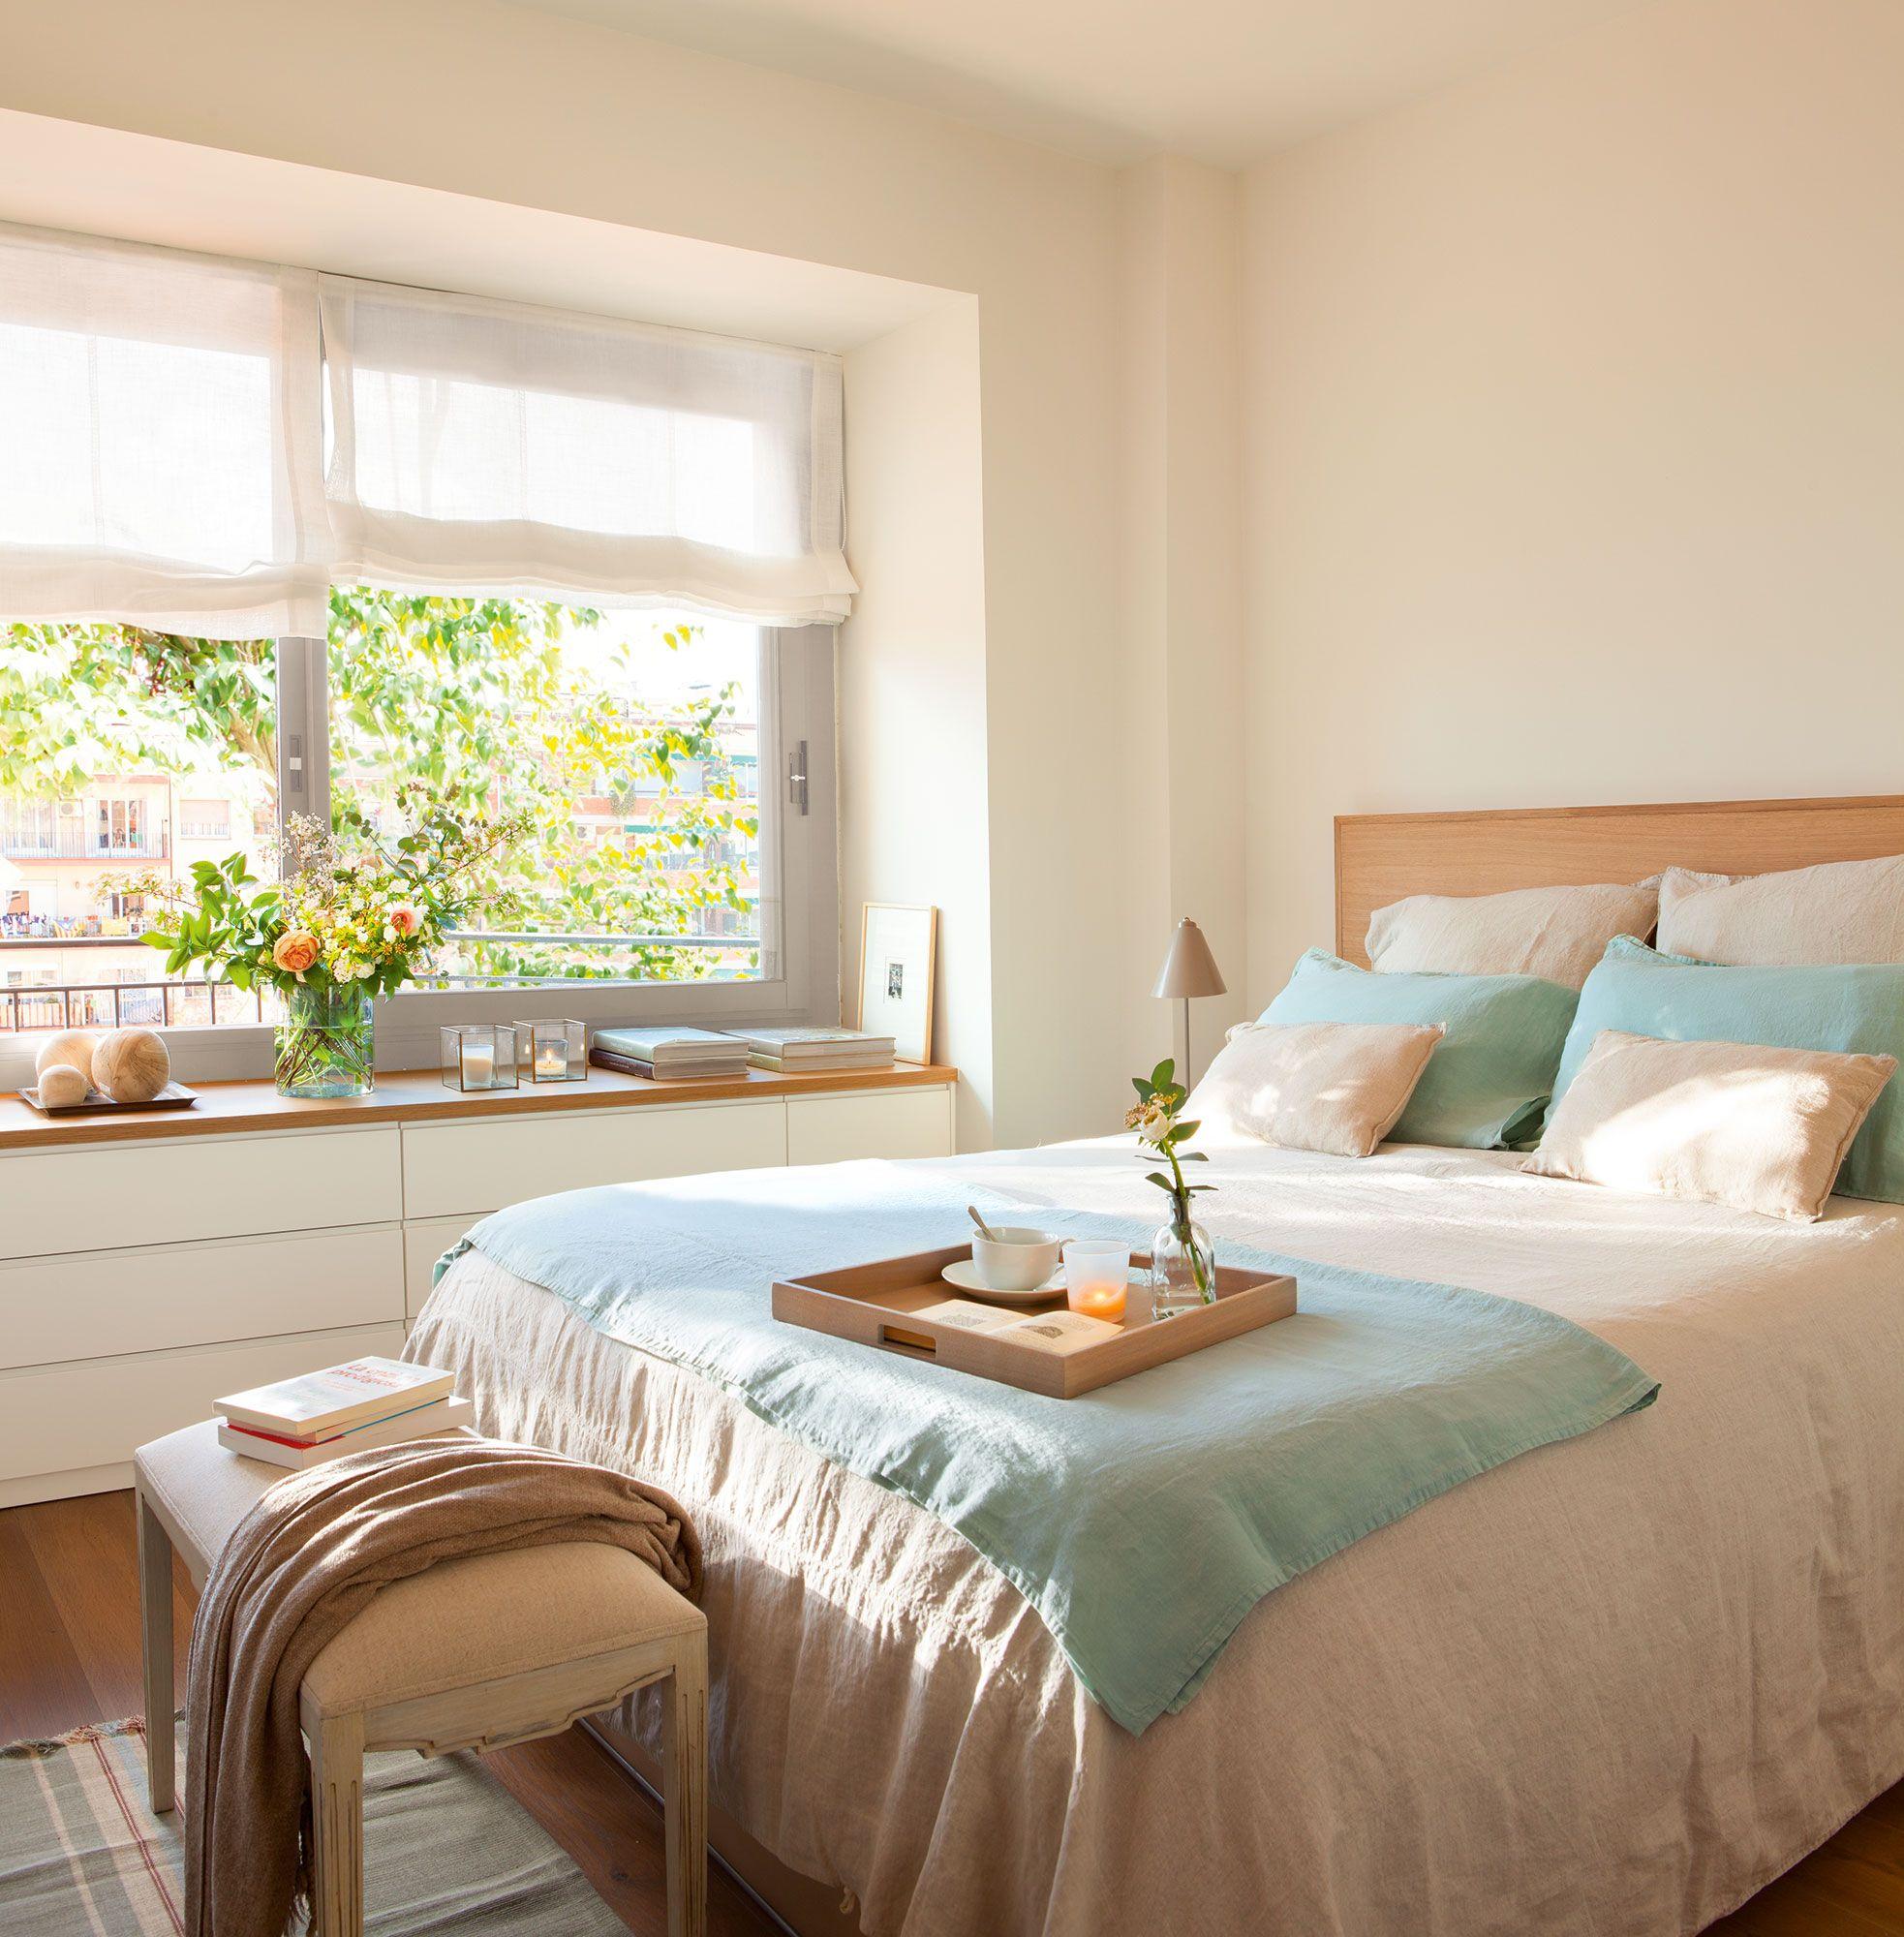 Dormitorio principal el mueble bajo la ventana es un for Muebles porras villanueva de la concepcion